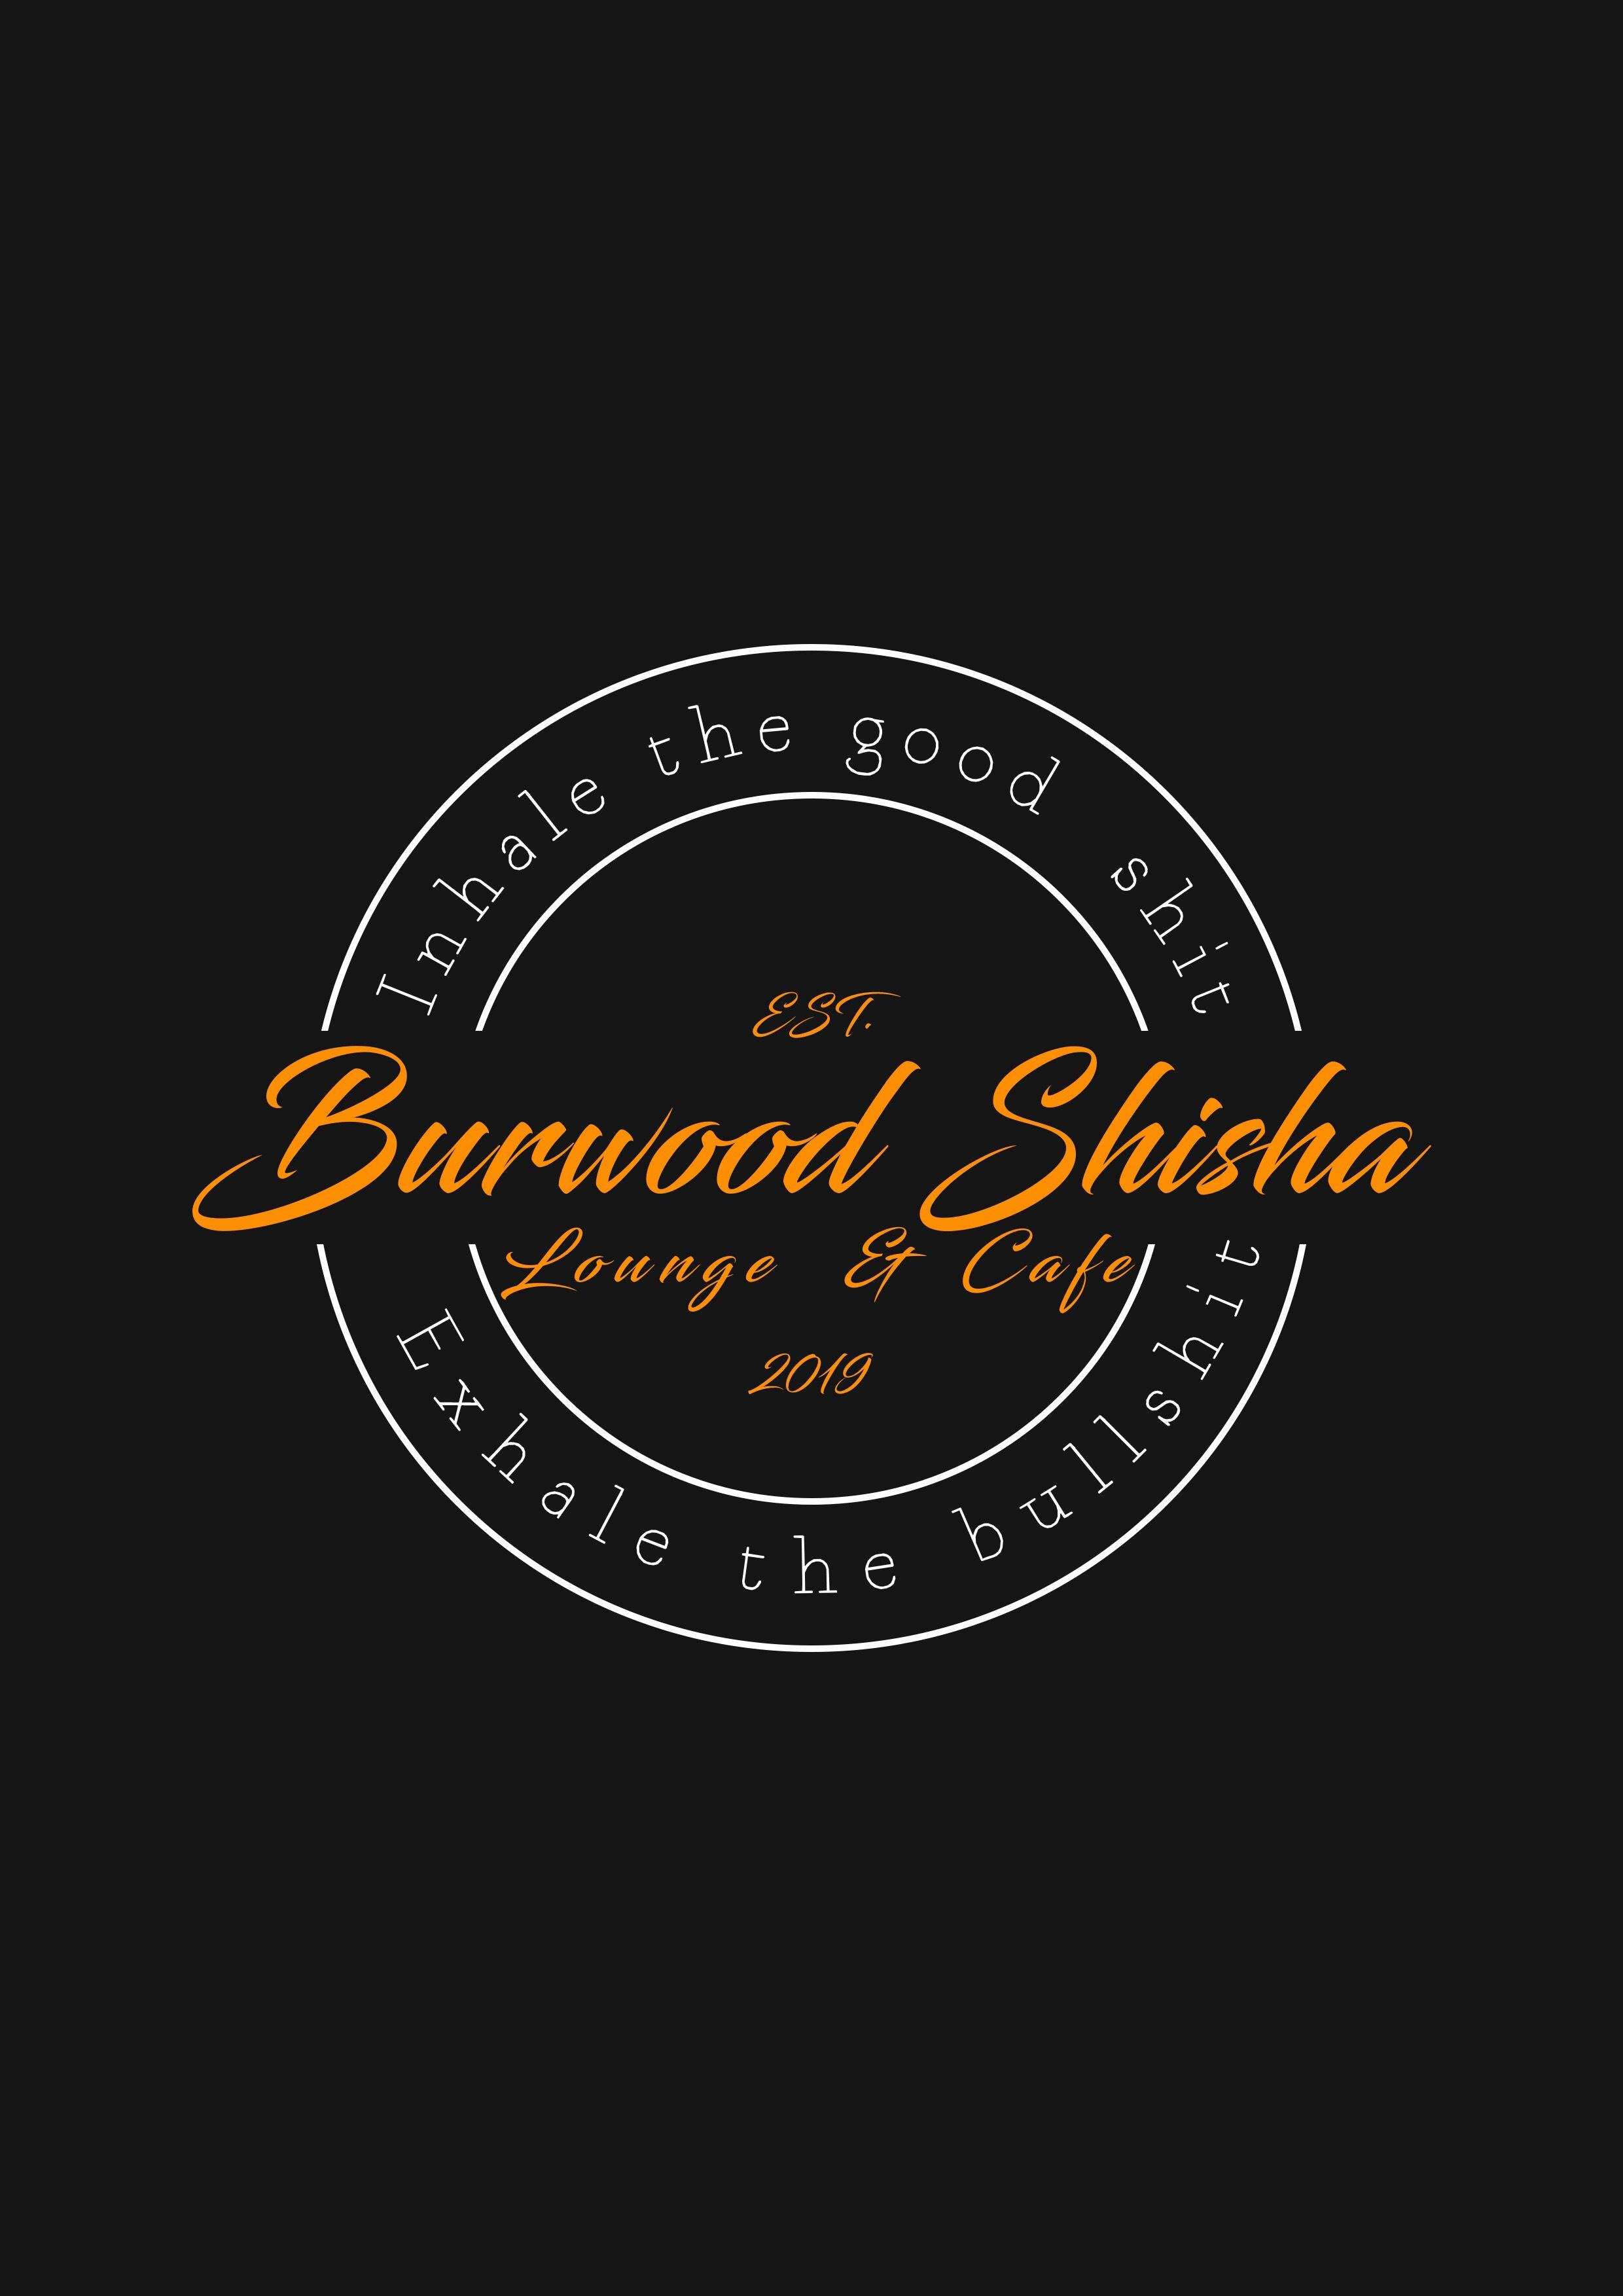 Burwood Shisha Lounge & Cafe logo